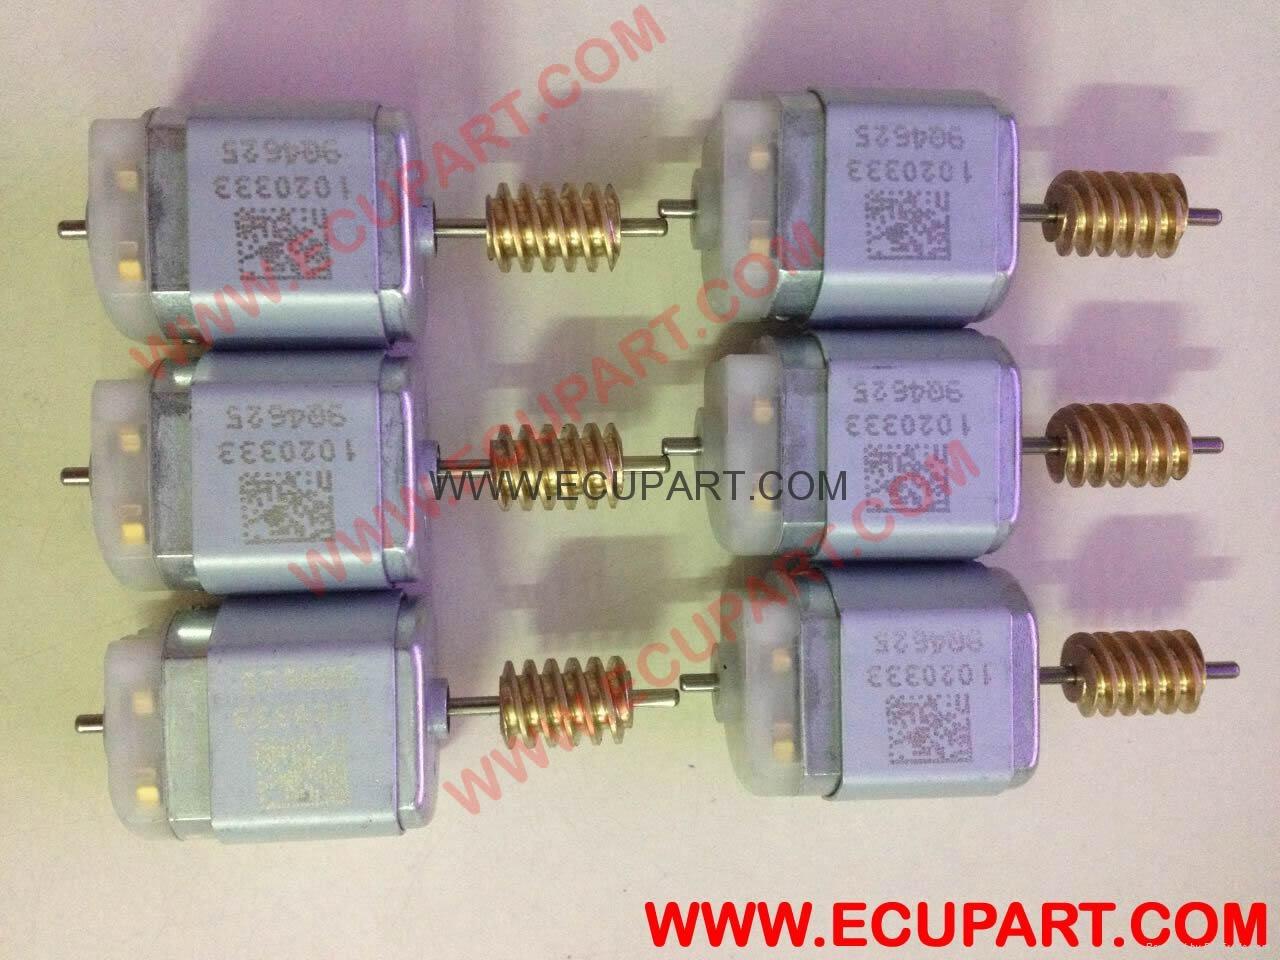 奔馳E系E200 E220 E250 E260 E300 E320 E350 E400 E500方向盤鎖電機 1